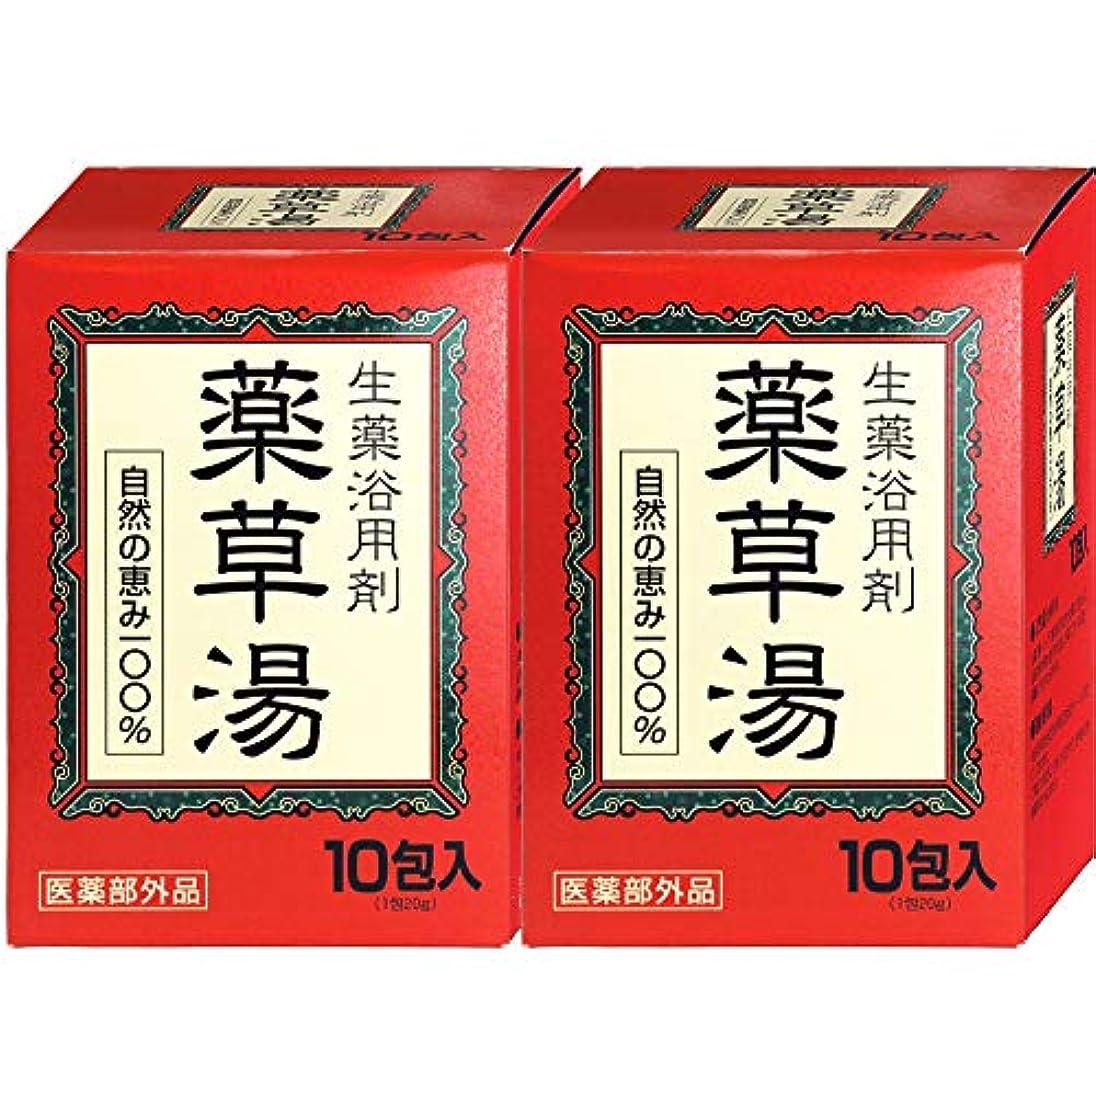 粘着性効能ヒューム薬草湯 生薬浴用剤 10包入 【2個セット】自然の恵み100% 医薬部外品